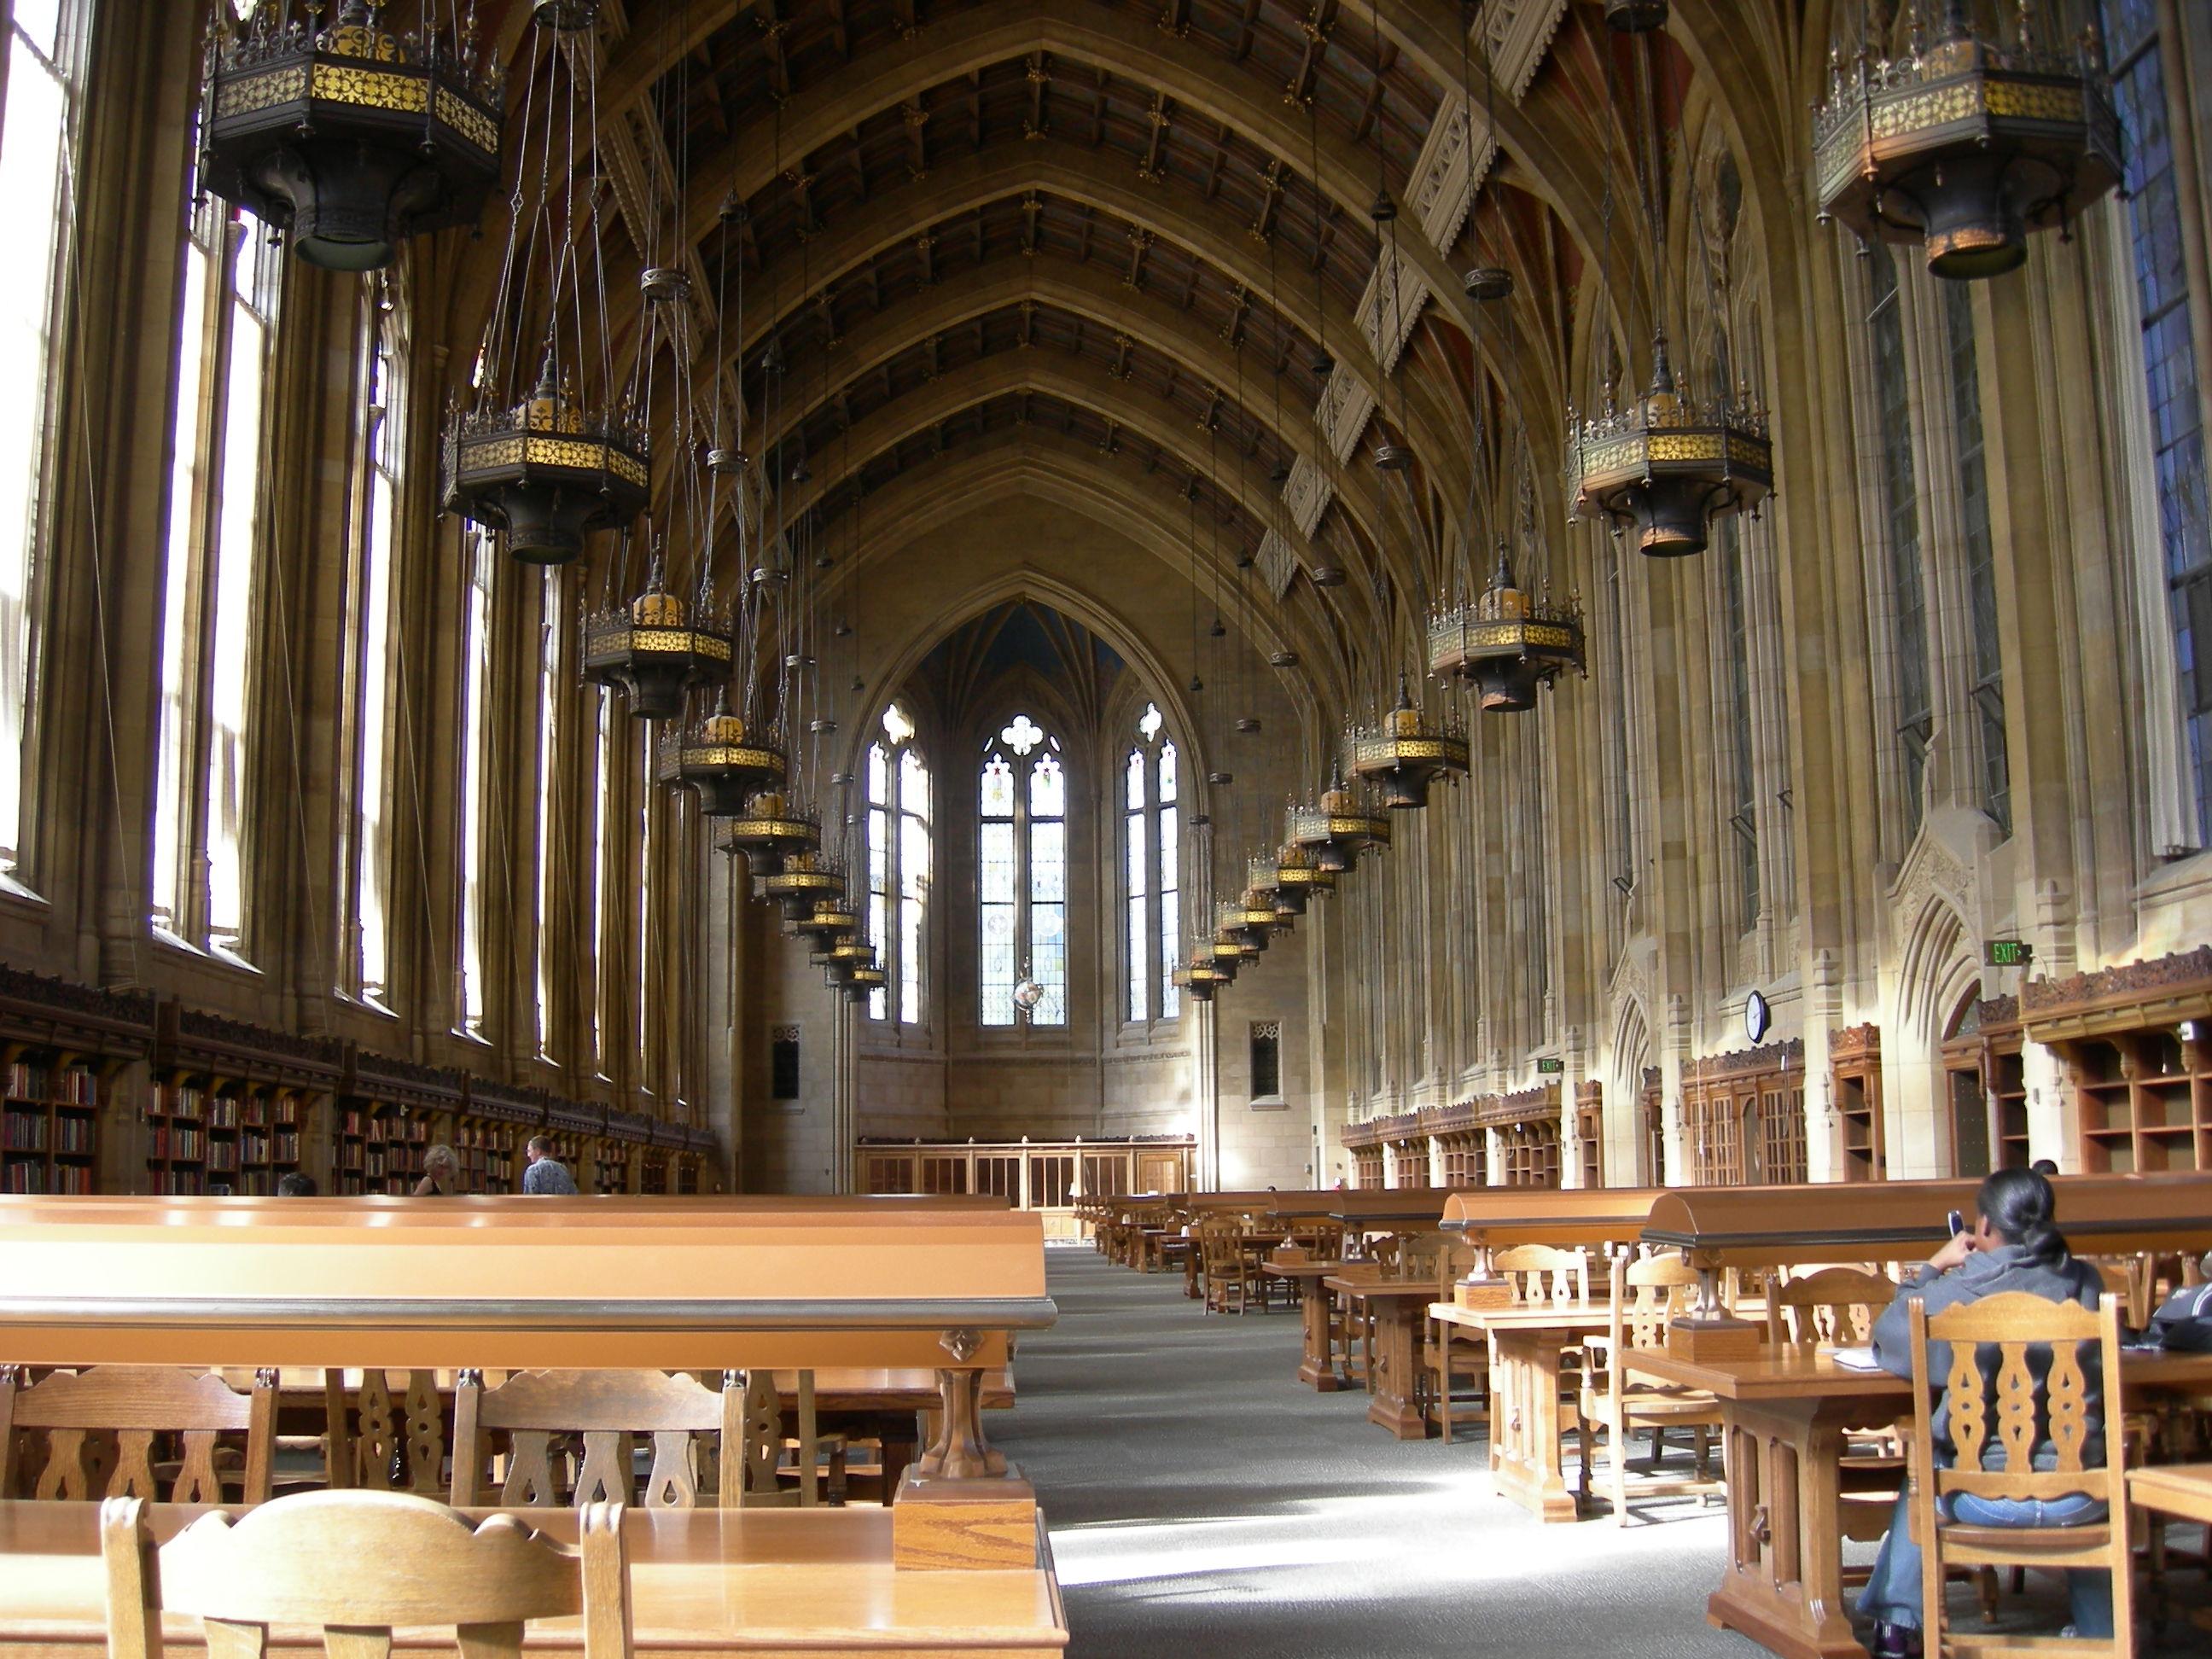 University of washington dating